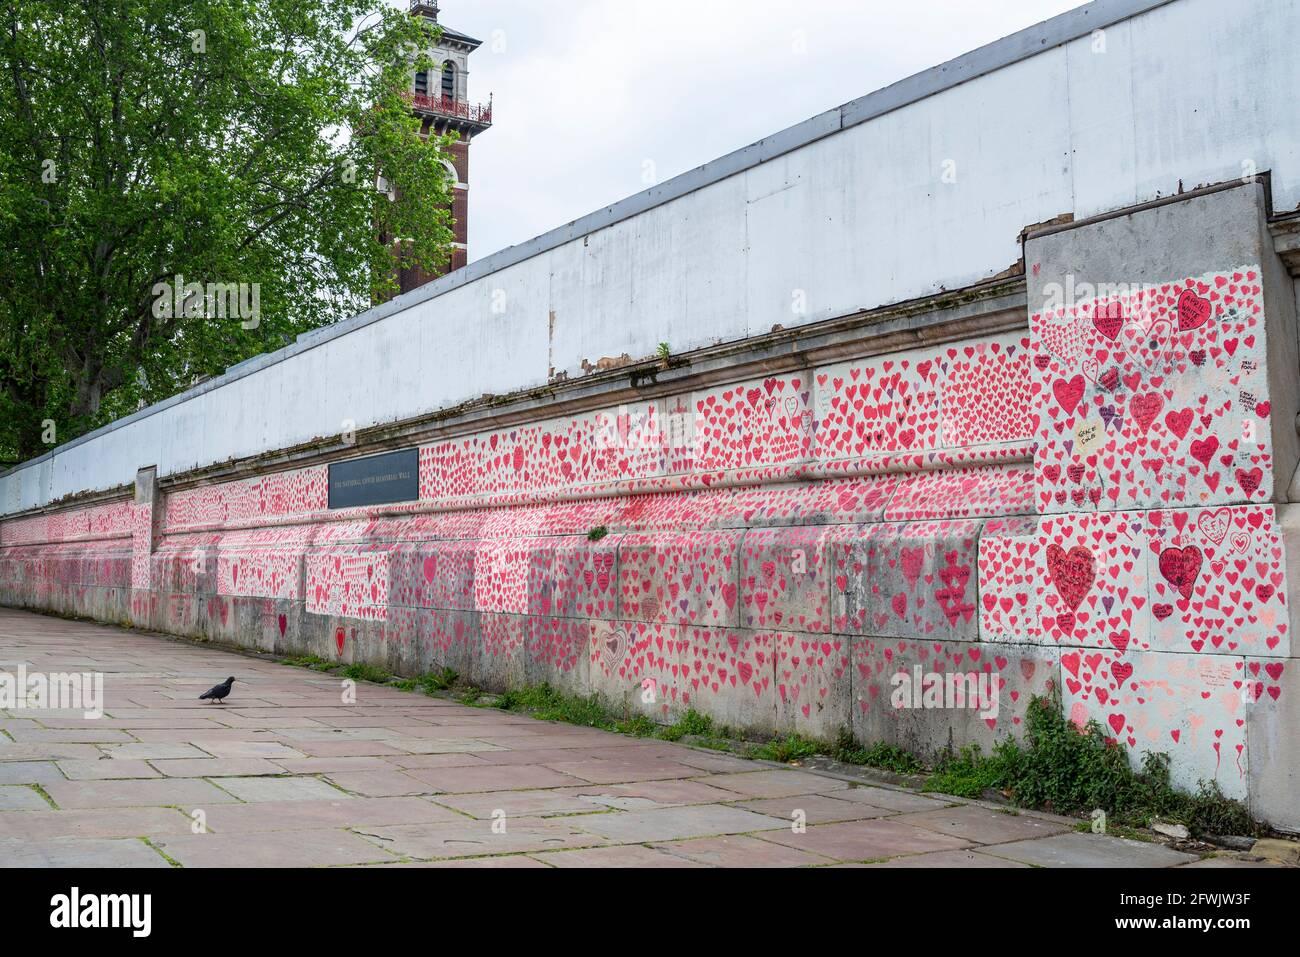 National Covid Memorial Wall in una giornata di lavoro a Lambeth, Londra, Regno Unito. Cuori rossi disegnati su un muro che rappresenta ogni morte di COVID 19. Uccello Foto Stock